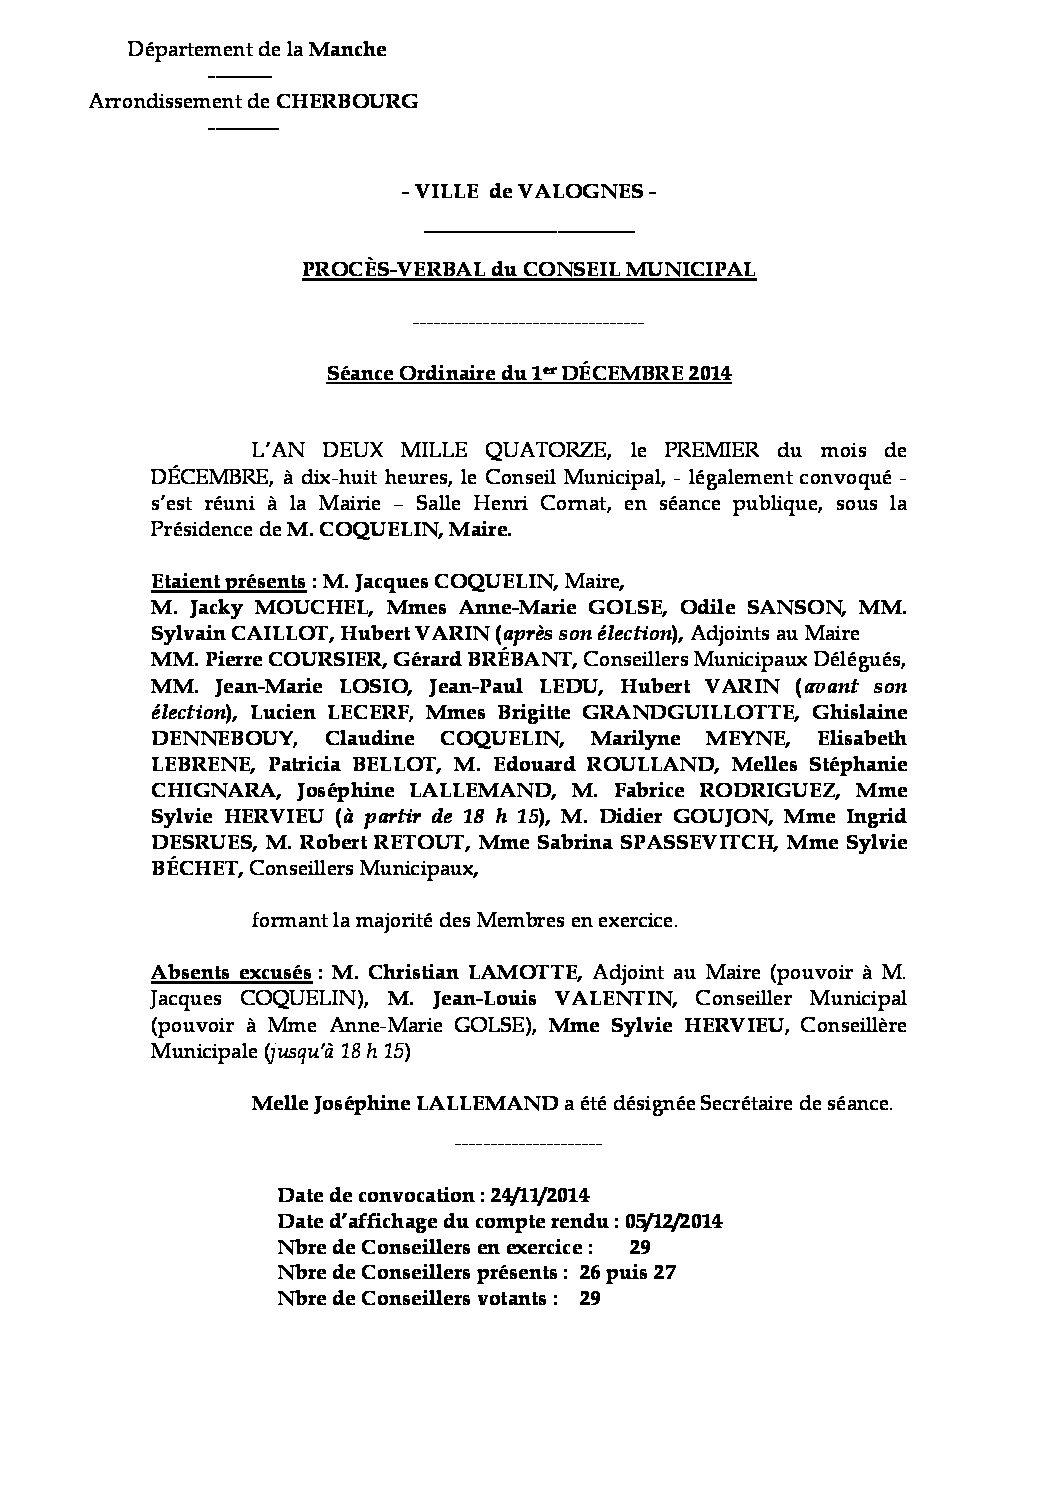 Procès-verbal du 01-12-2014 - Procès-verbal de la réunion du Conseil Municipal du 1er décembre 2014, approuvé lors de la séance du 19 janvier 2015